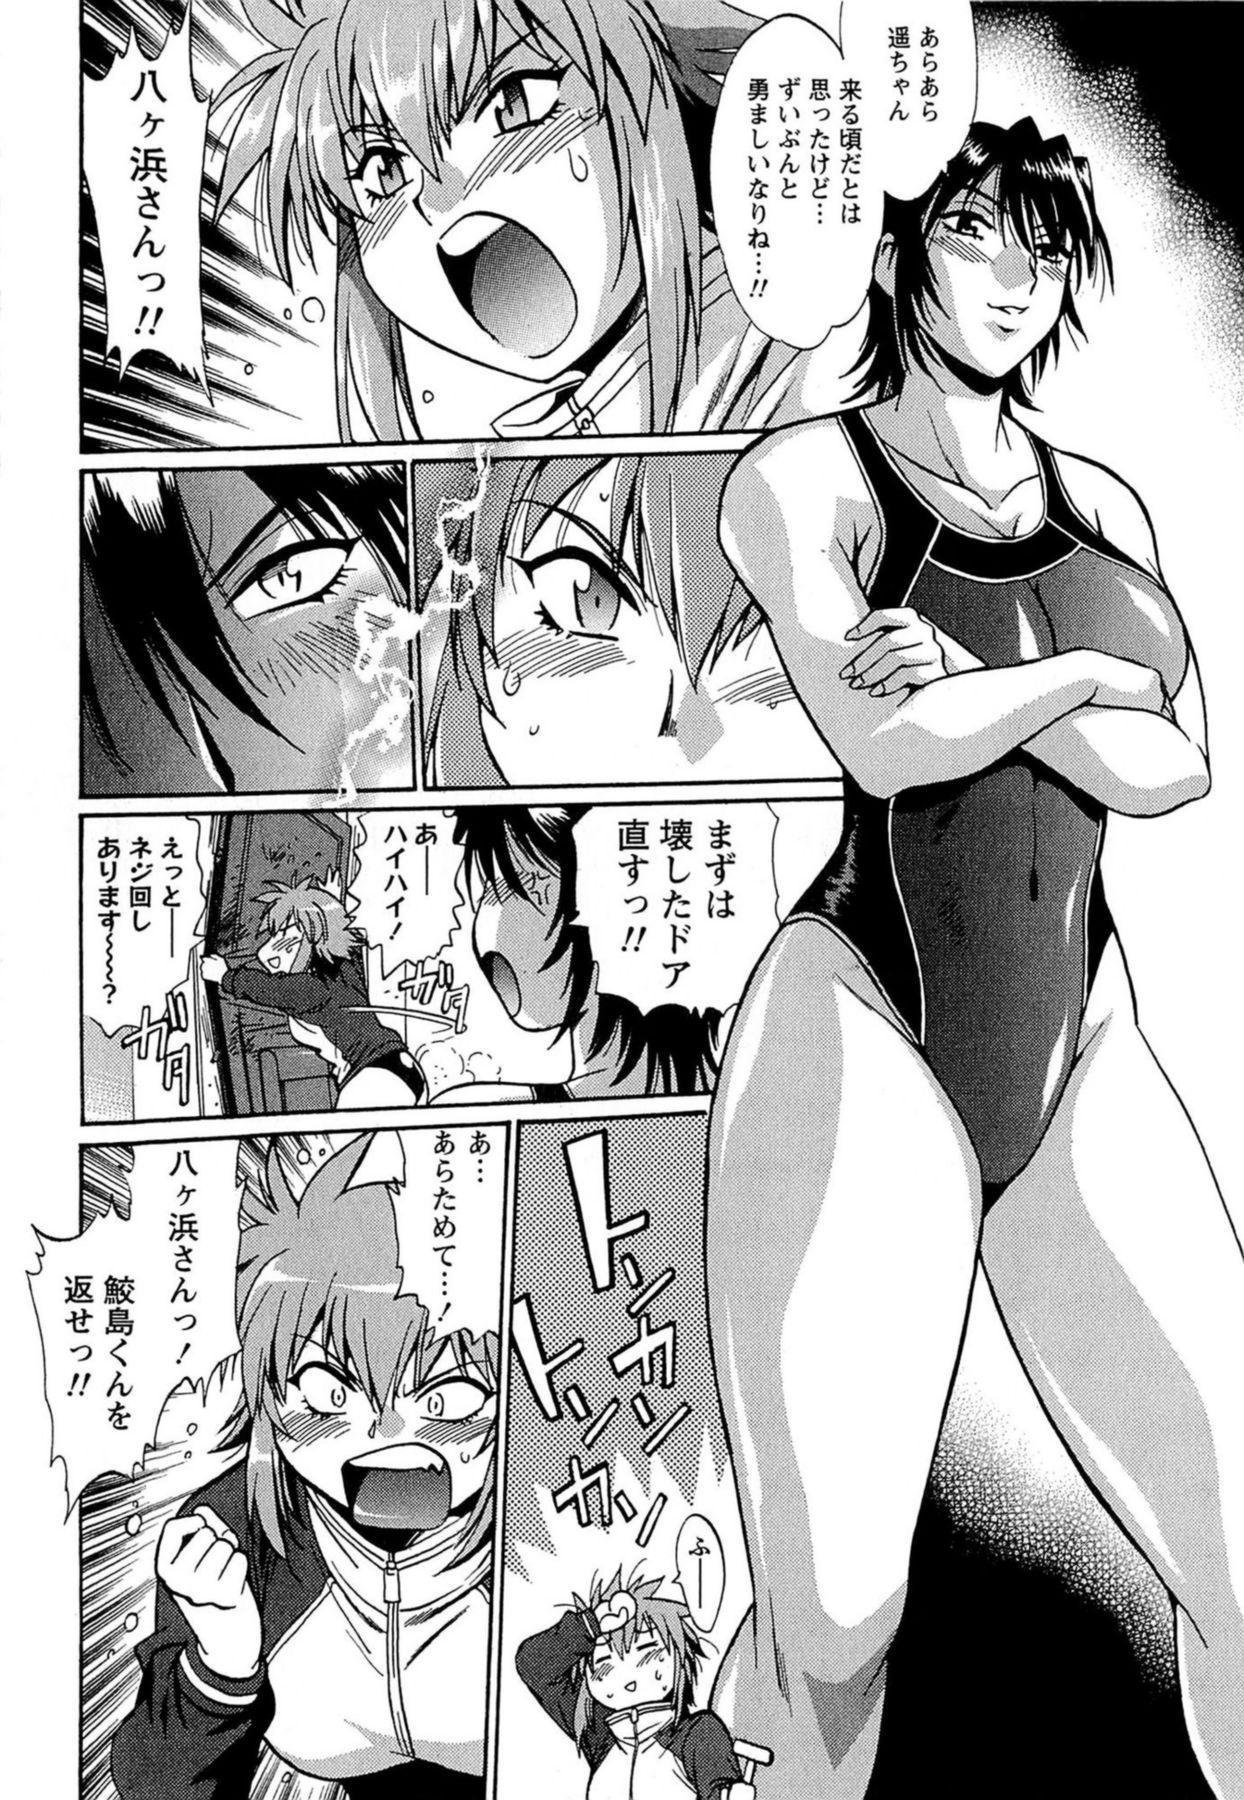 Kuikomi wo Naoshiteru Hima wa Nai! Vol. 1 146